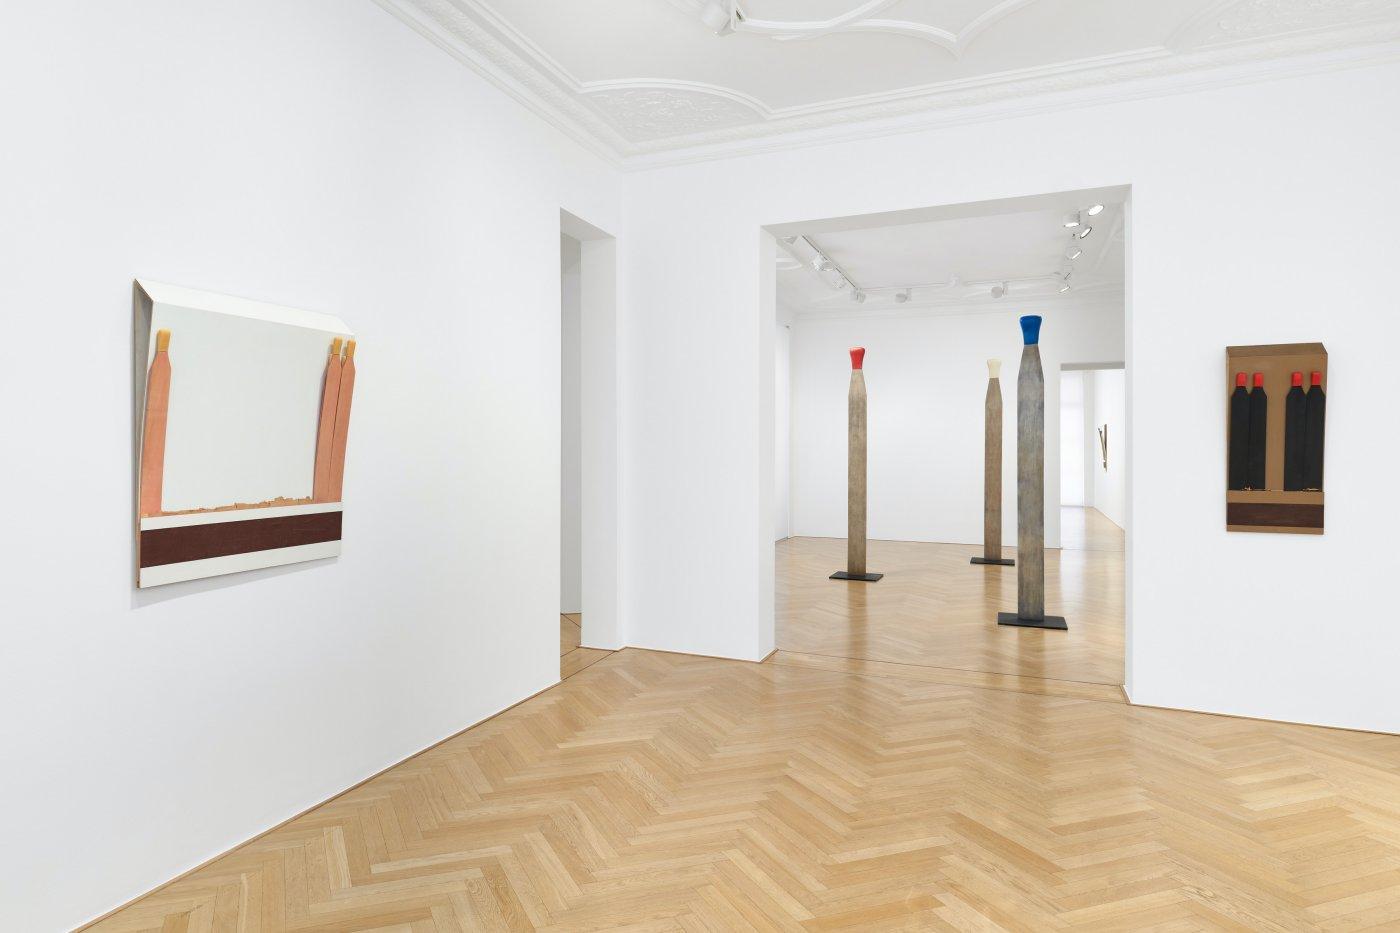 Galerie Max Hetzler Bleibtreustr Raymond Hains 4